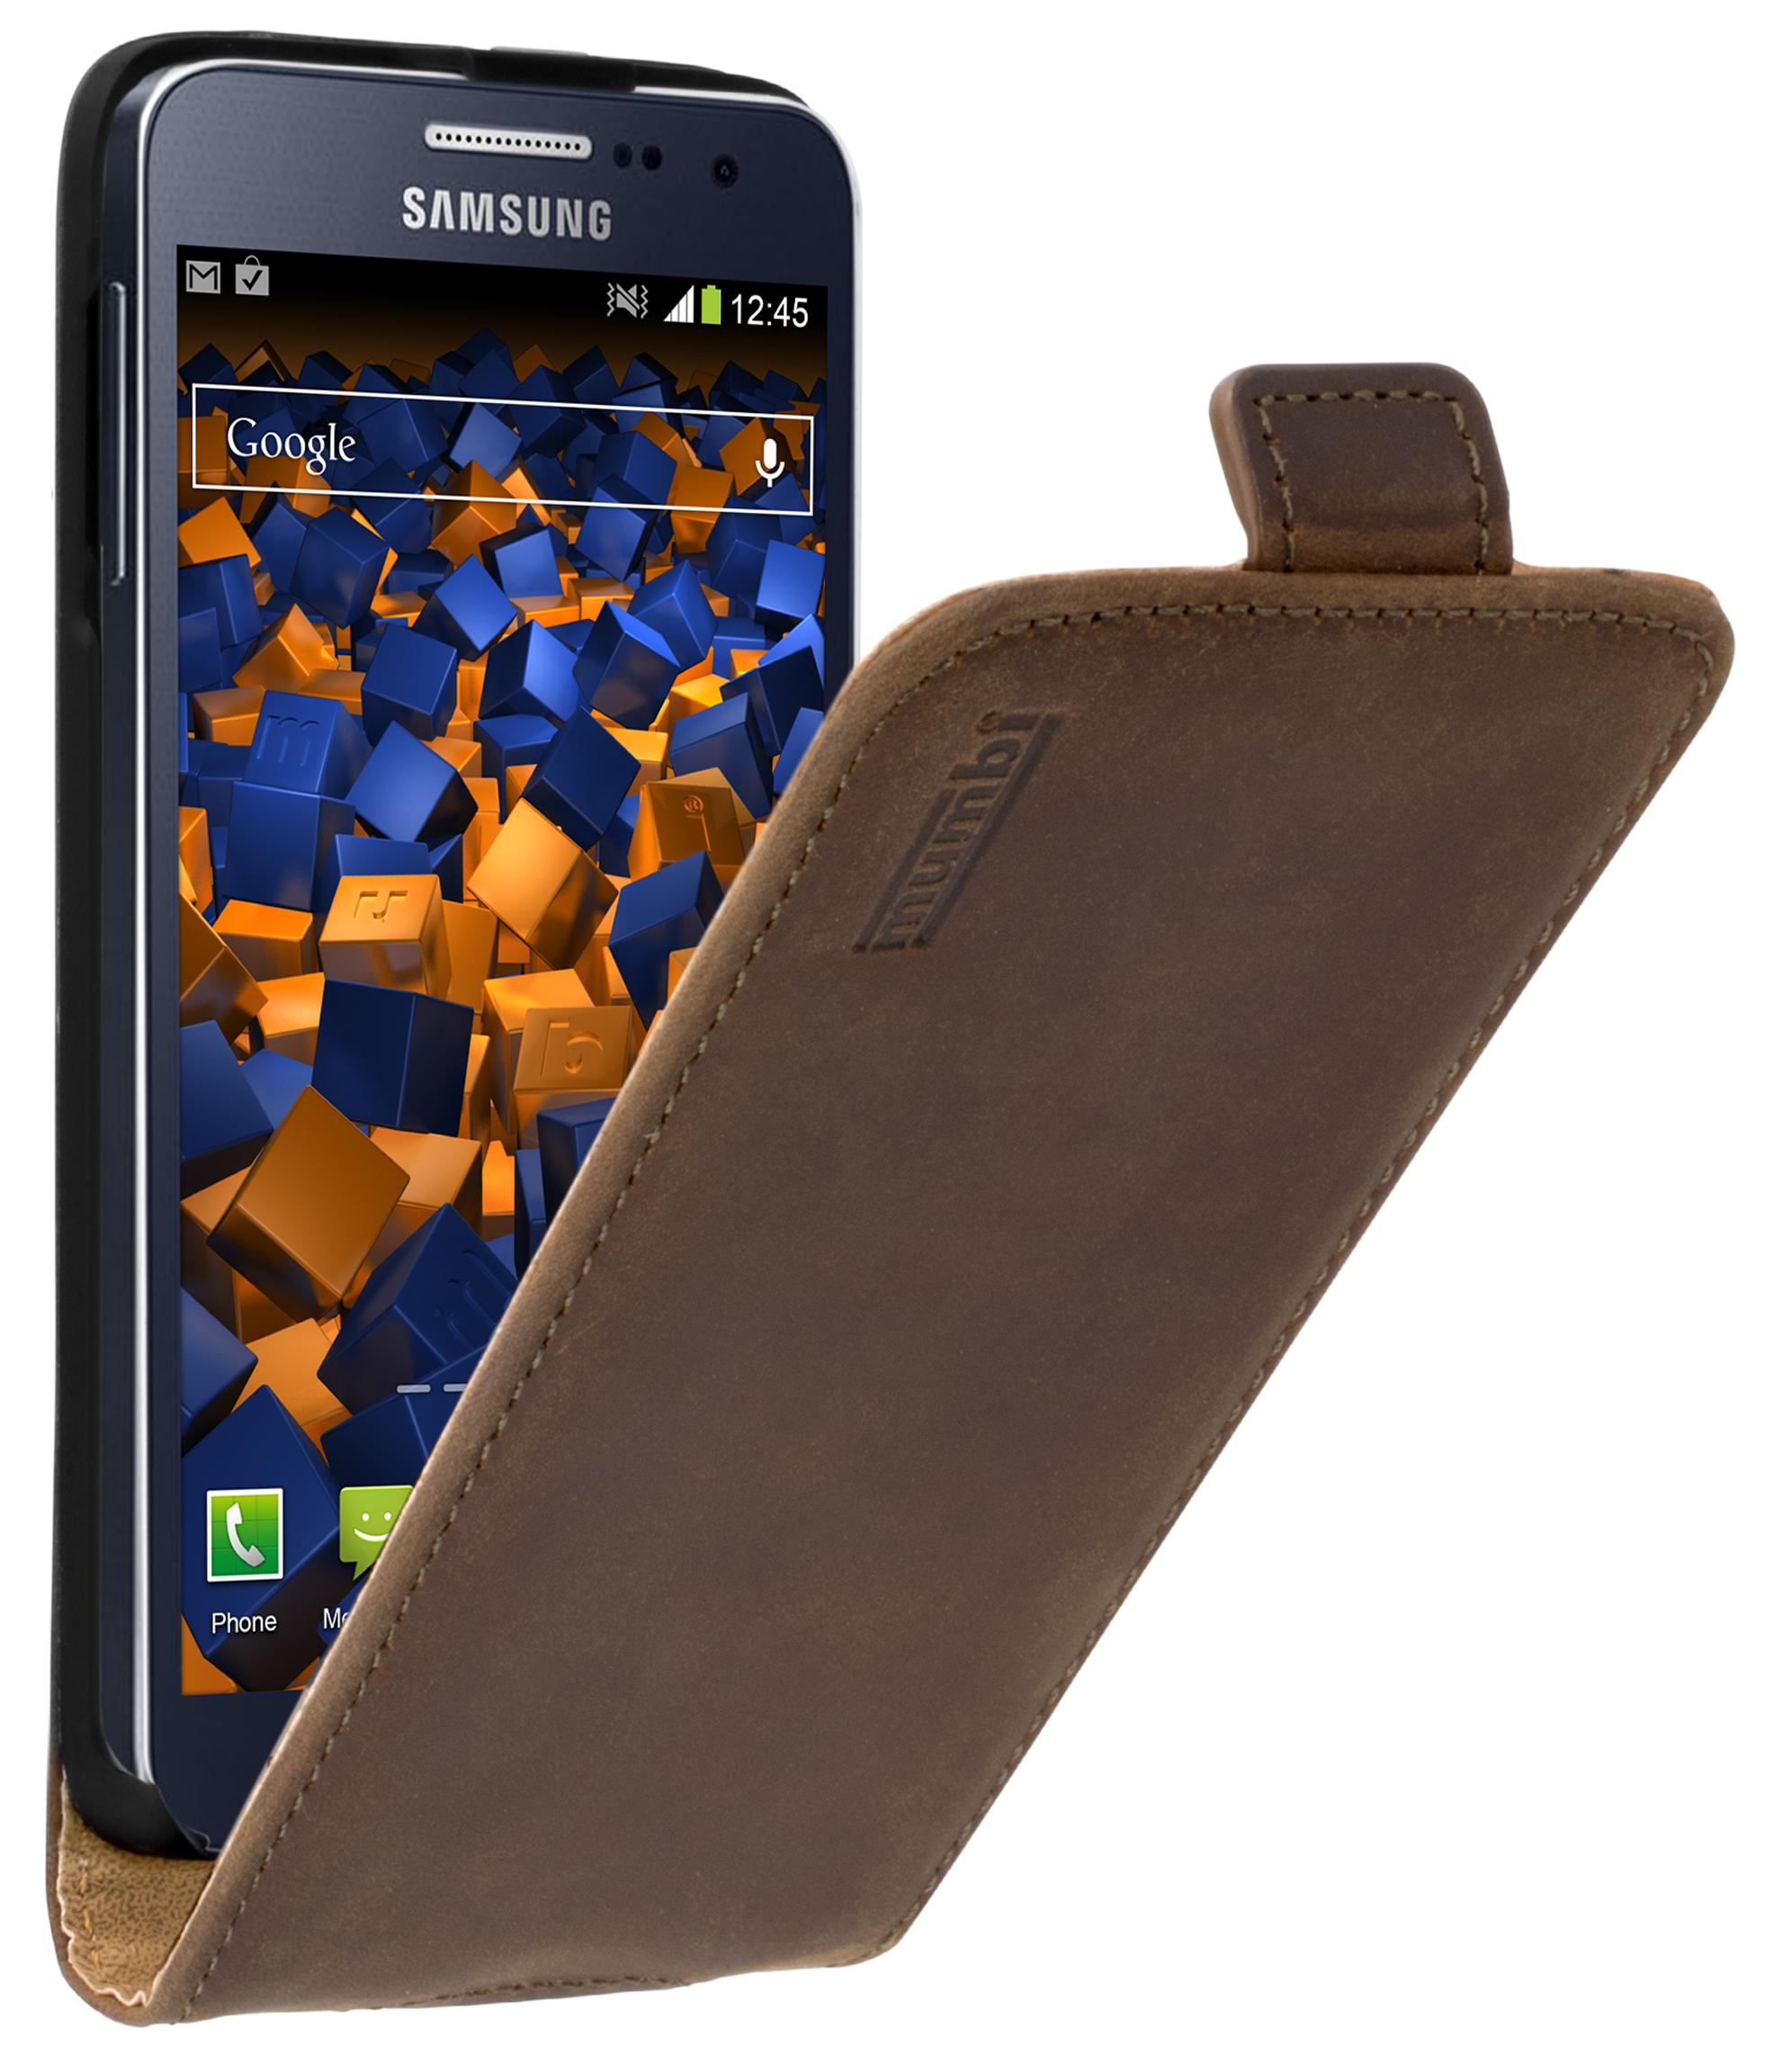 Flip Case Ledertasche braun für Samsung Galaxy A3 2015 Taschen Galaxy A3 2015 Samsung weitere Modelle Weitere Modelle Hersteller